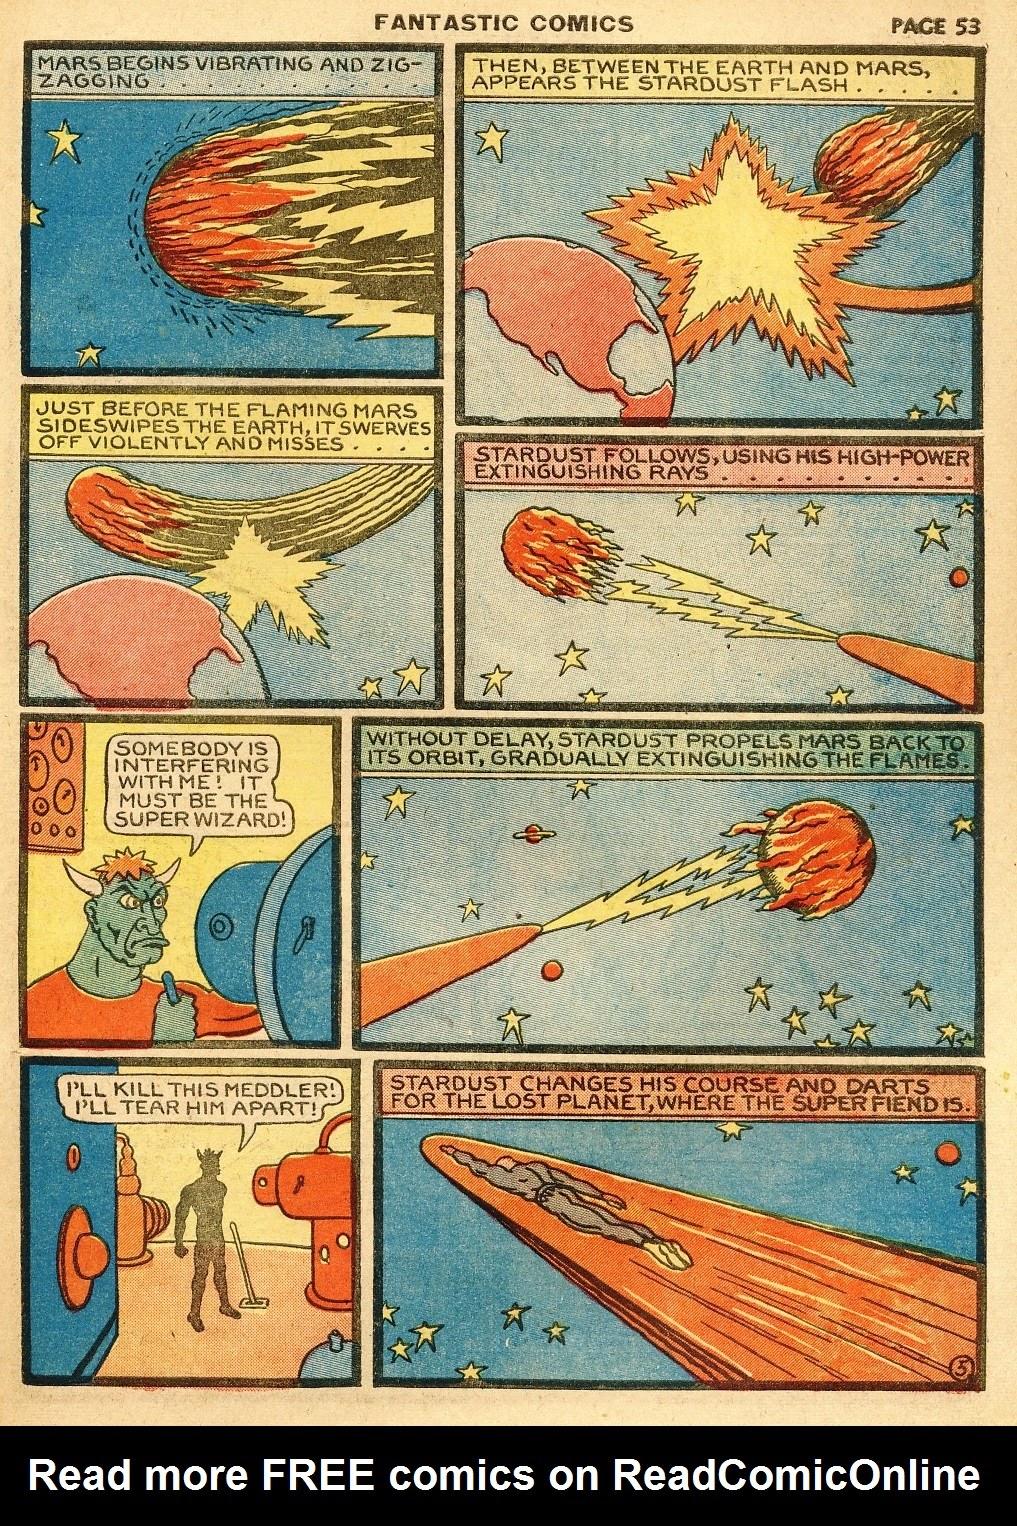 Read online Fantastic Comics comic -  Issue #10 - 54